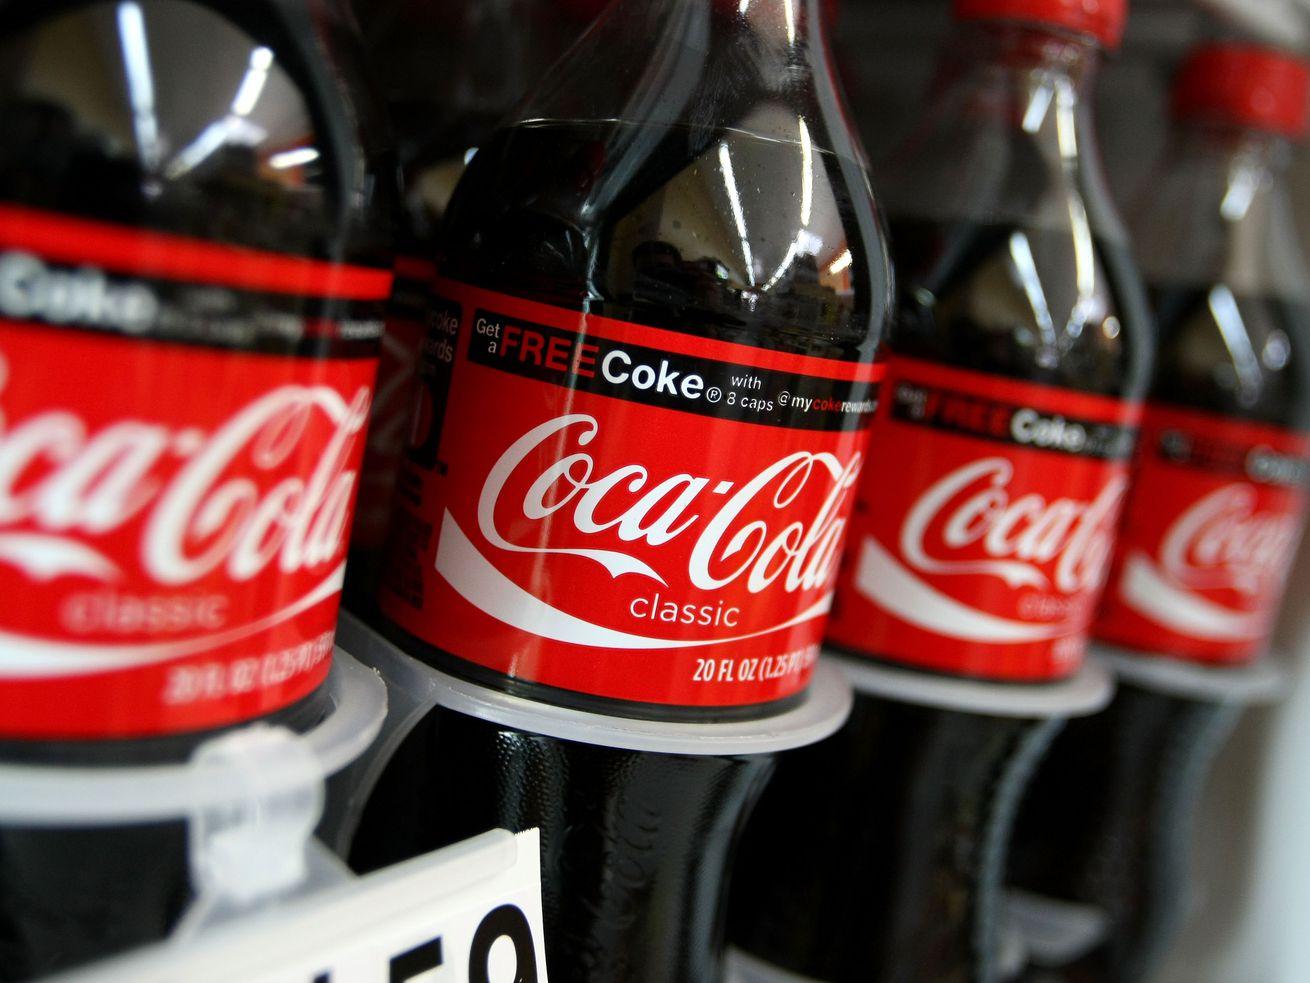 Coke bottles in a store fridge